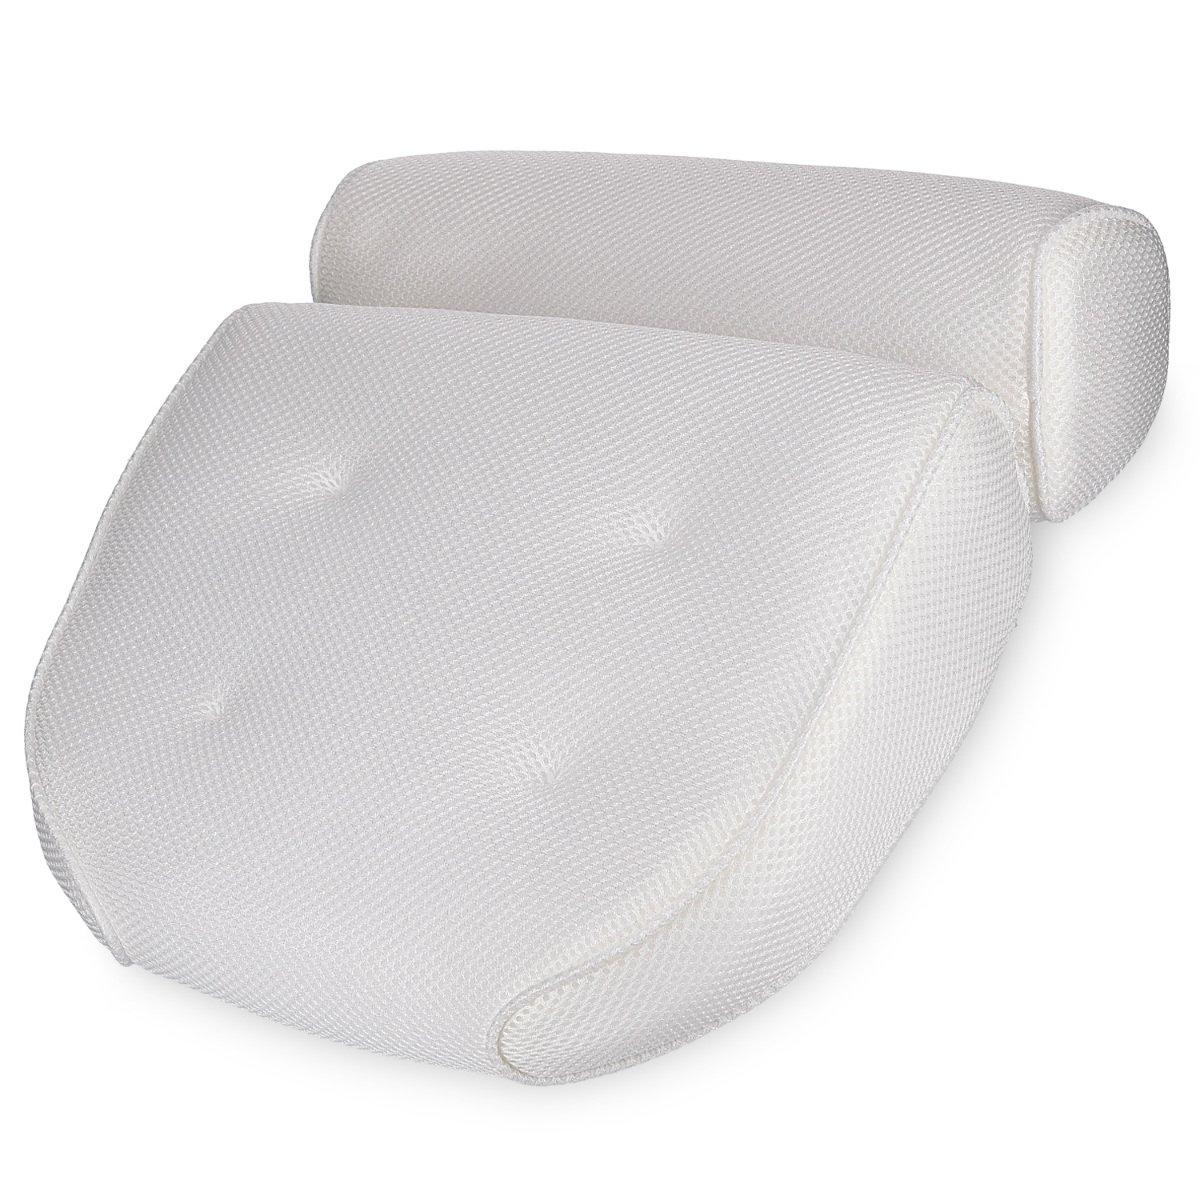 Navaris Cuscino Vasca da Bagno Extra-Comfort - Poggiatesta Air Mesh con Ventose - Relax per Schiena Spalle Collo - Oeko-Tex Standard 100 - Bianco KW-Commerce 41634_m000612